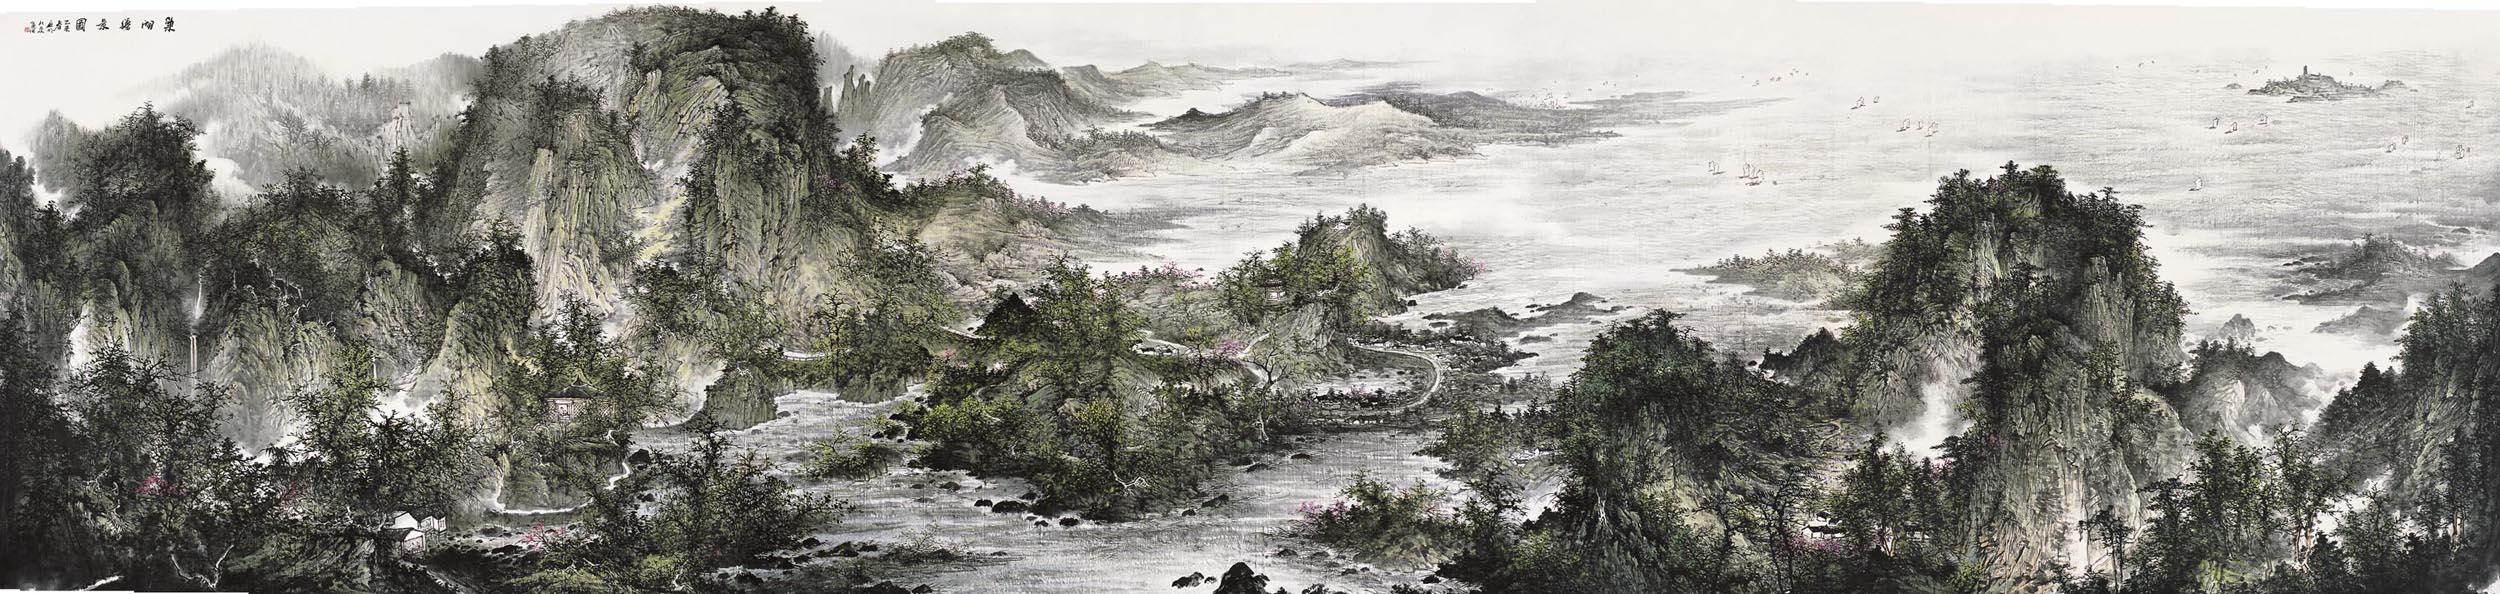 周逢俊作品巢湖胜景图